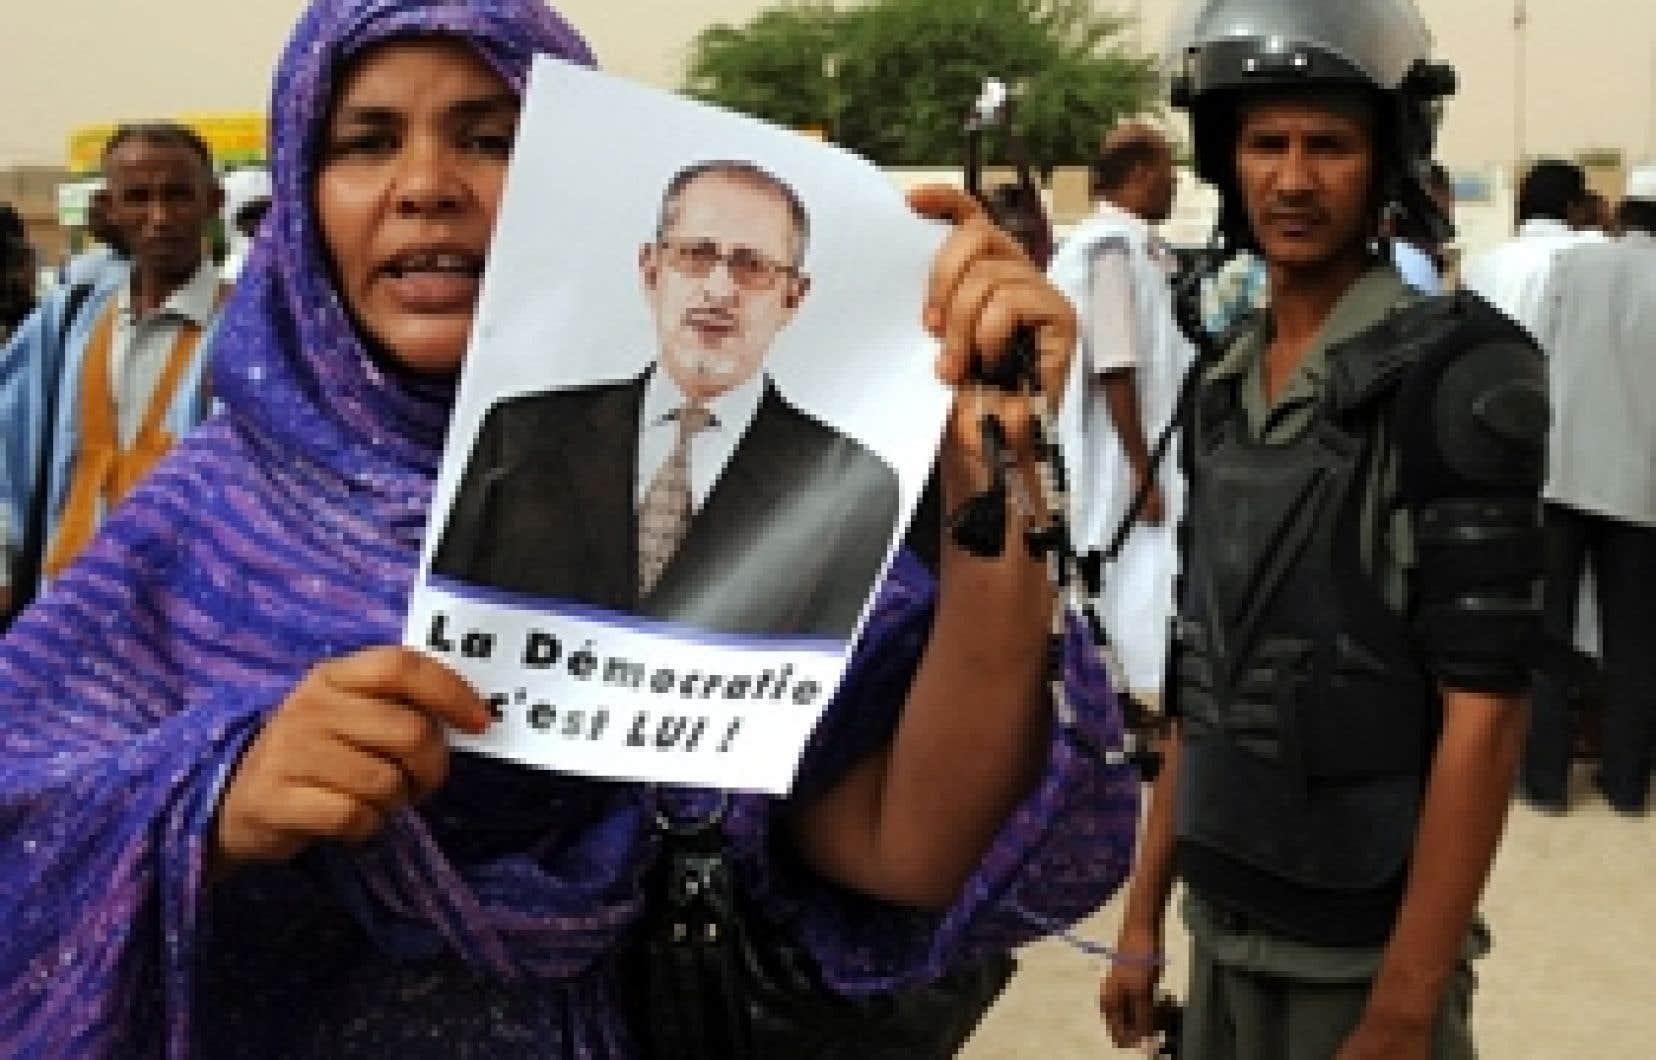 Les partisans du président Sidi ont manifesté leur désapprobation du coup d'État à plusieurs reprises depuis le mois d'août. Hier, les putchistes ont relâché le président déchu.